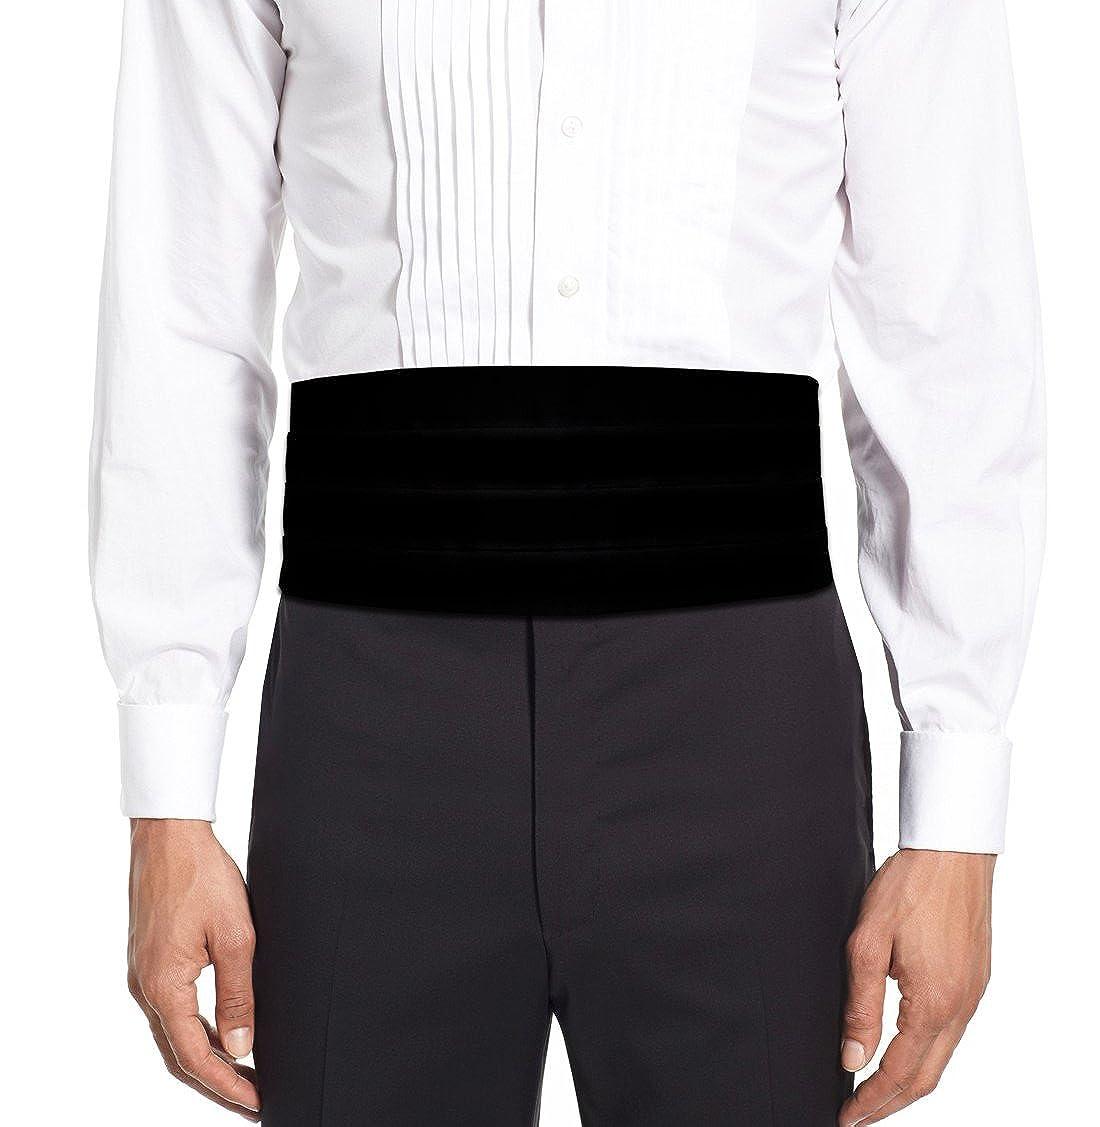 Remo Sartori Made in Italy Men's Black Velvet Cummerbund Tuxedo Belt, Four Folded